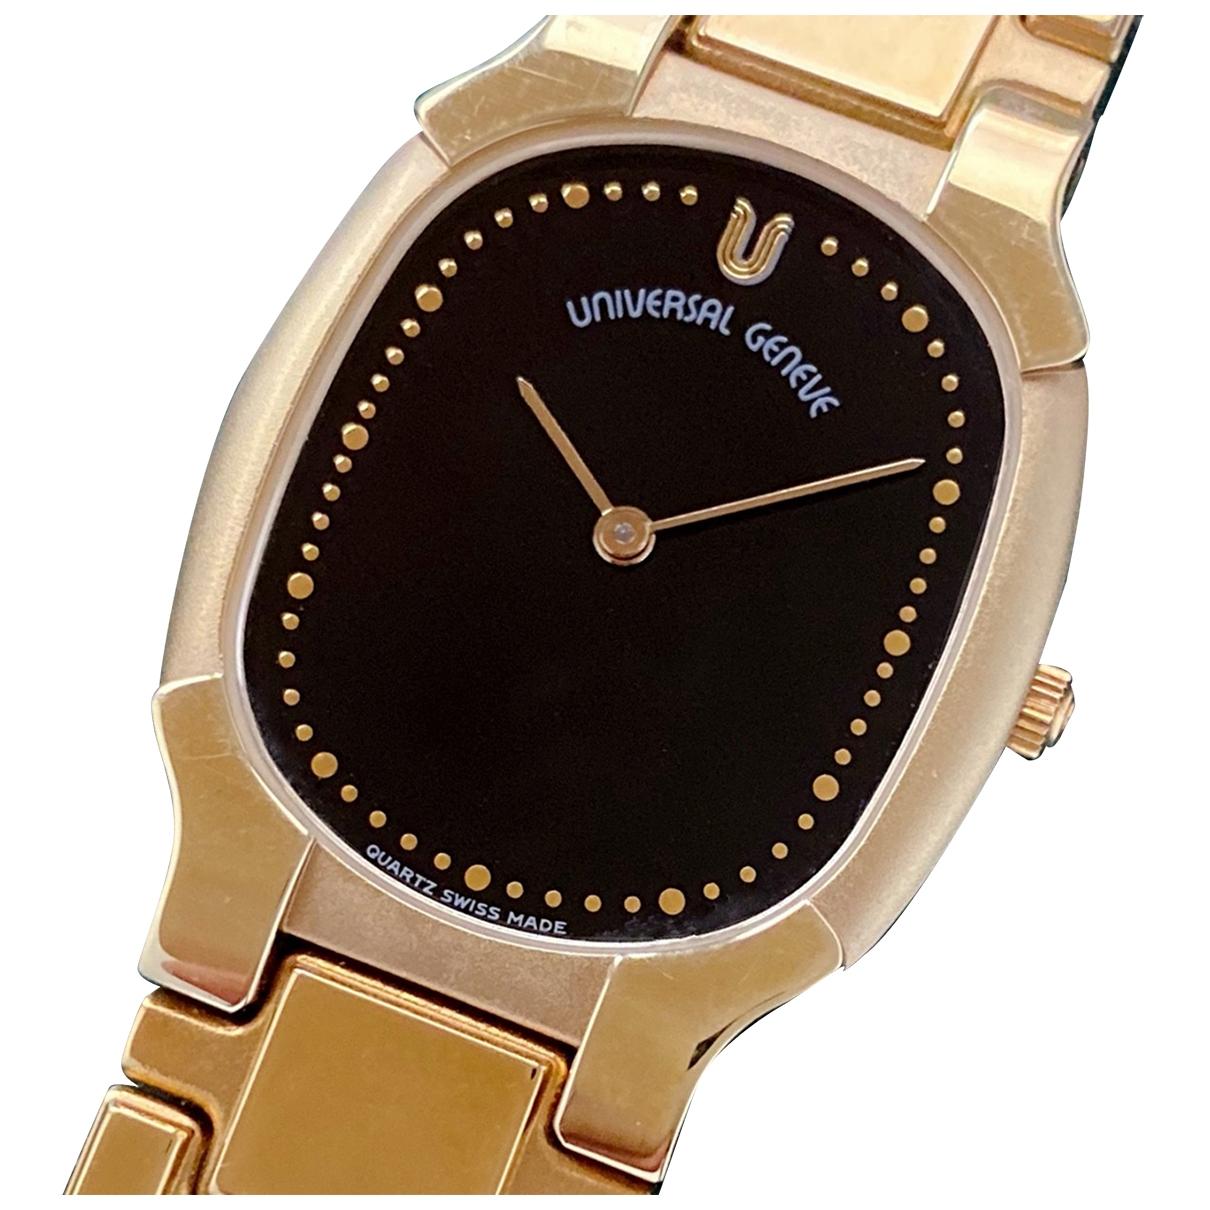 Universal Geneve \N Uhr in  Gold Vergoldet